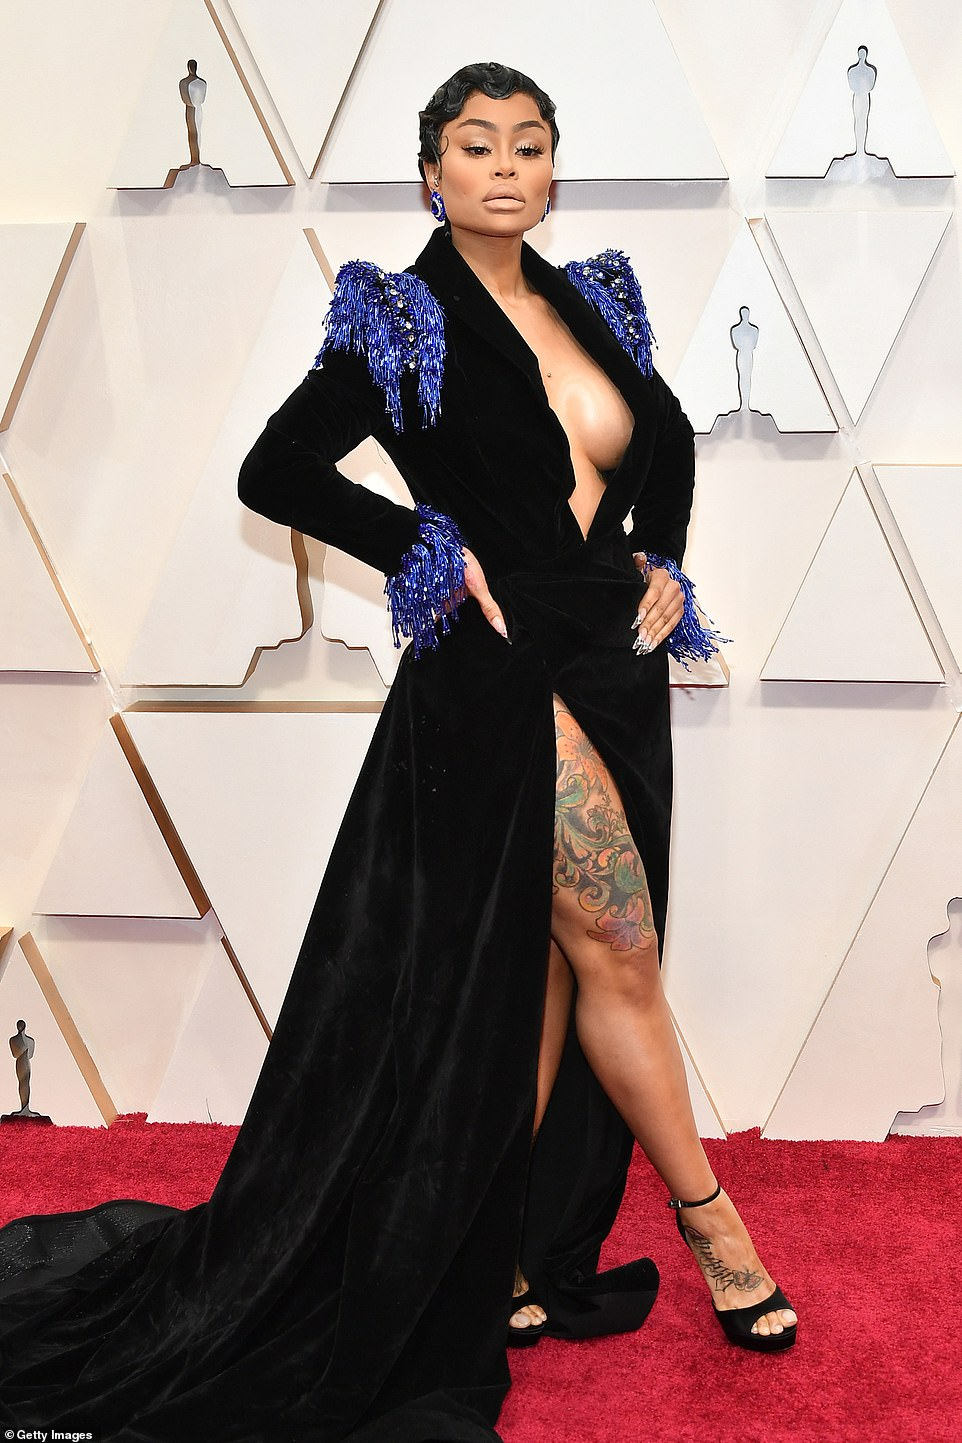 Vị hôn phu cũ của Rod Kardashian, Blac Chyna gây ấn tượng khá tốt trên thảm đỏ trong chiếc váy nhung đen khoét ngực táo bạo. Cô làm tóc kiểu flapper ngắn cùng tông trang điểm nude.